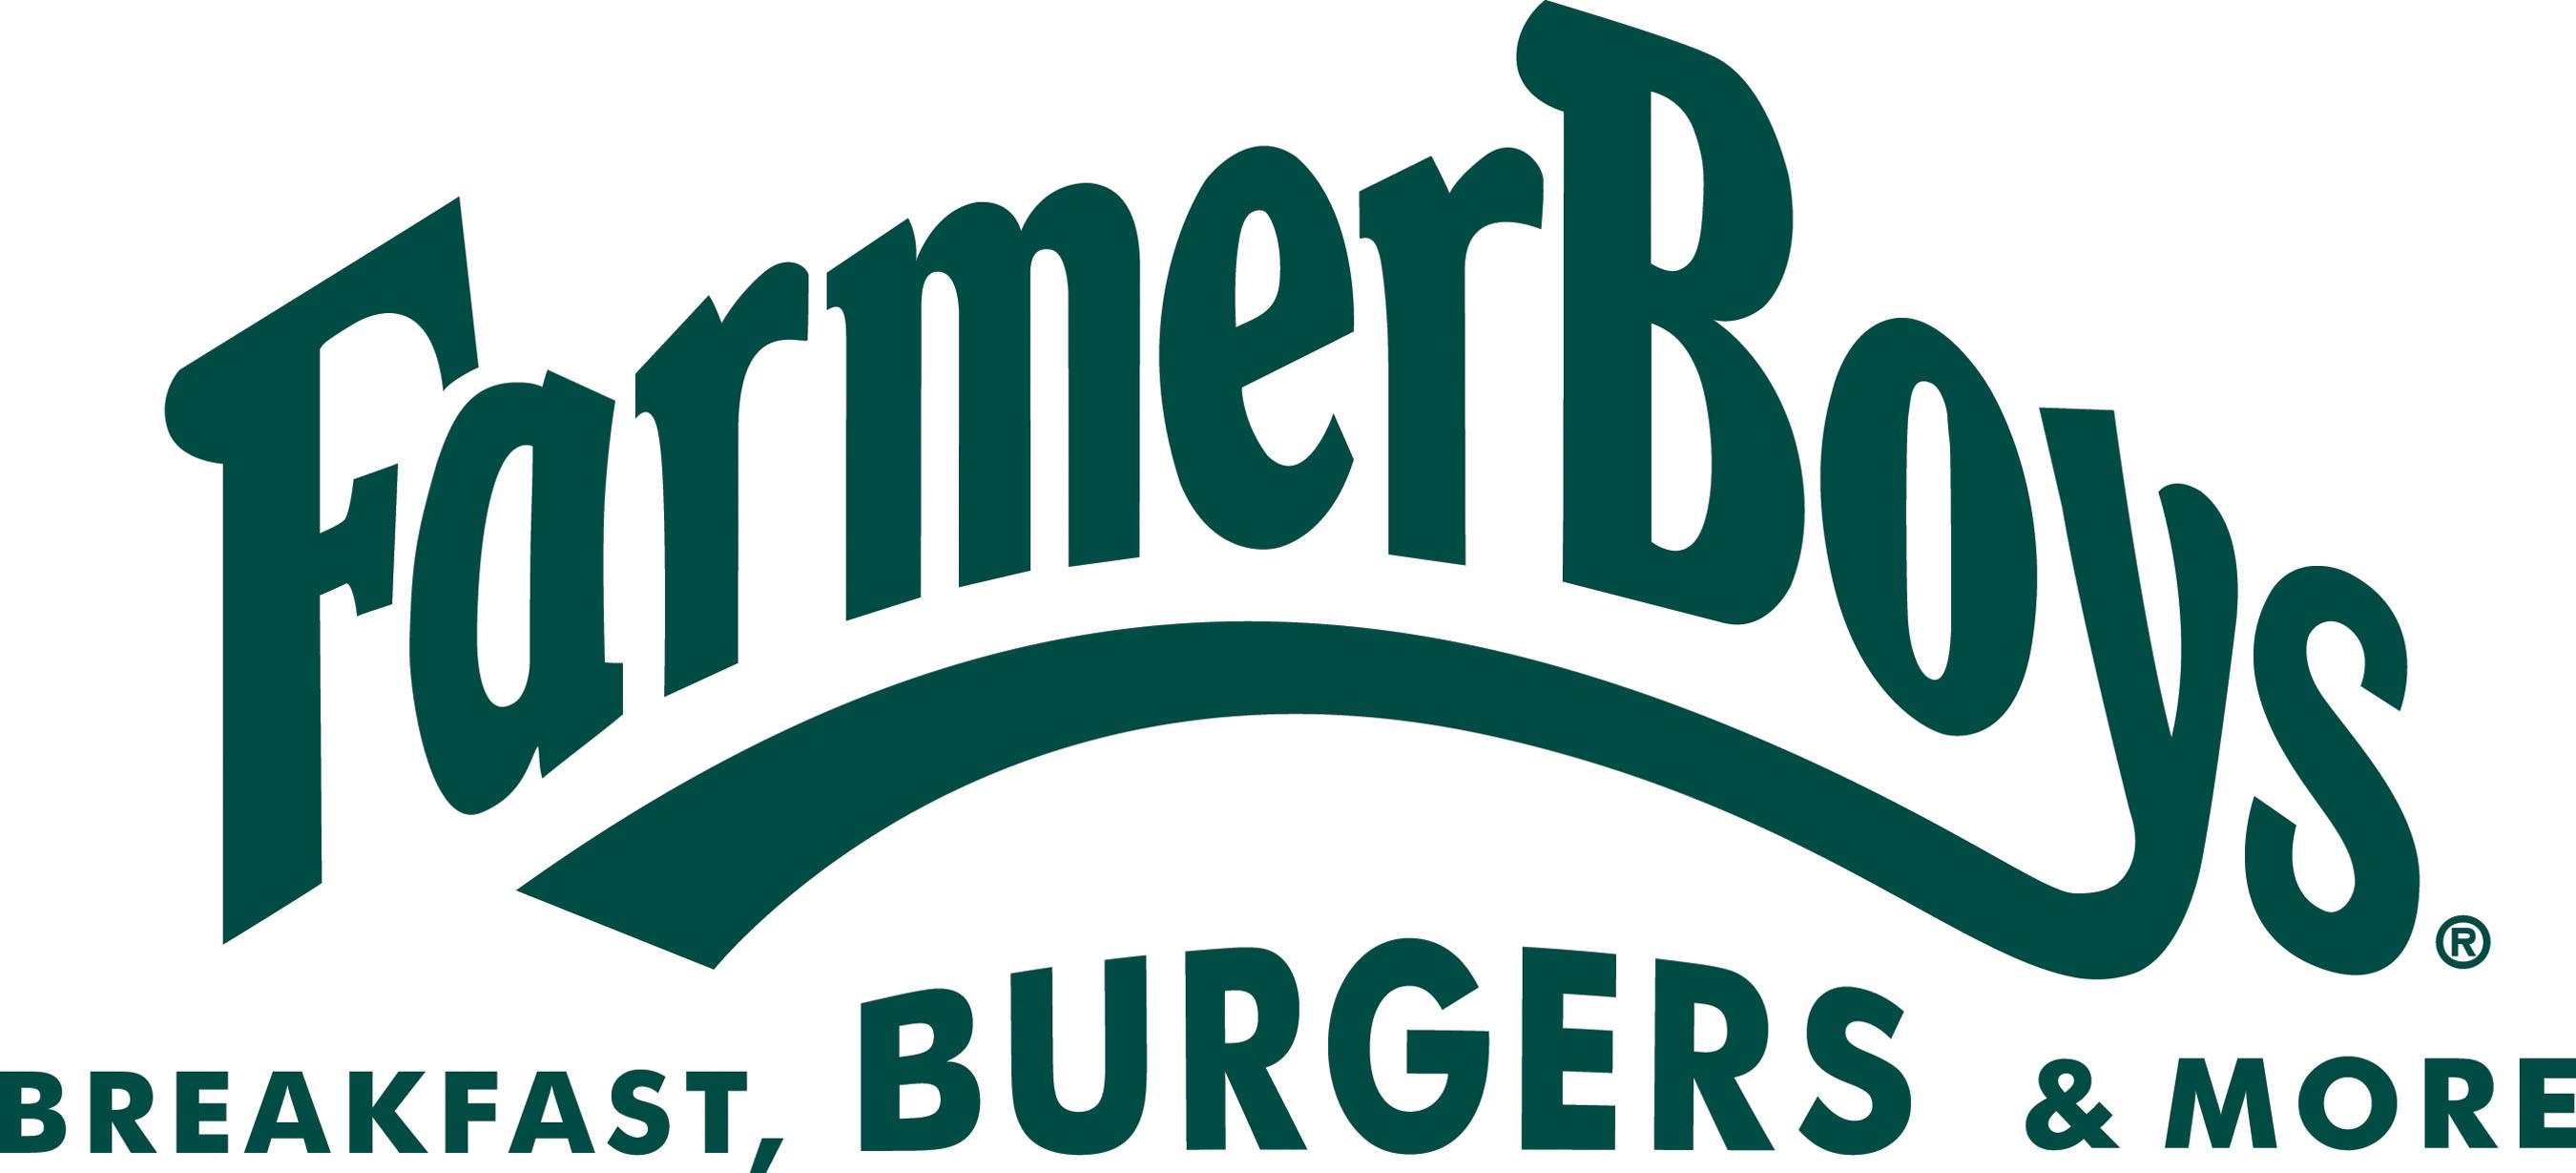 Farmer Boys Food, Inc. Logo.